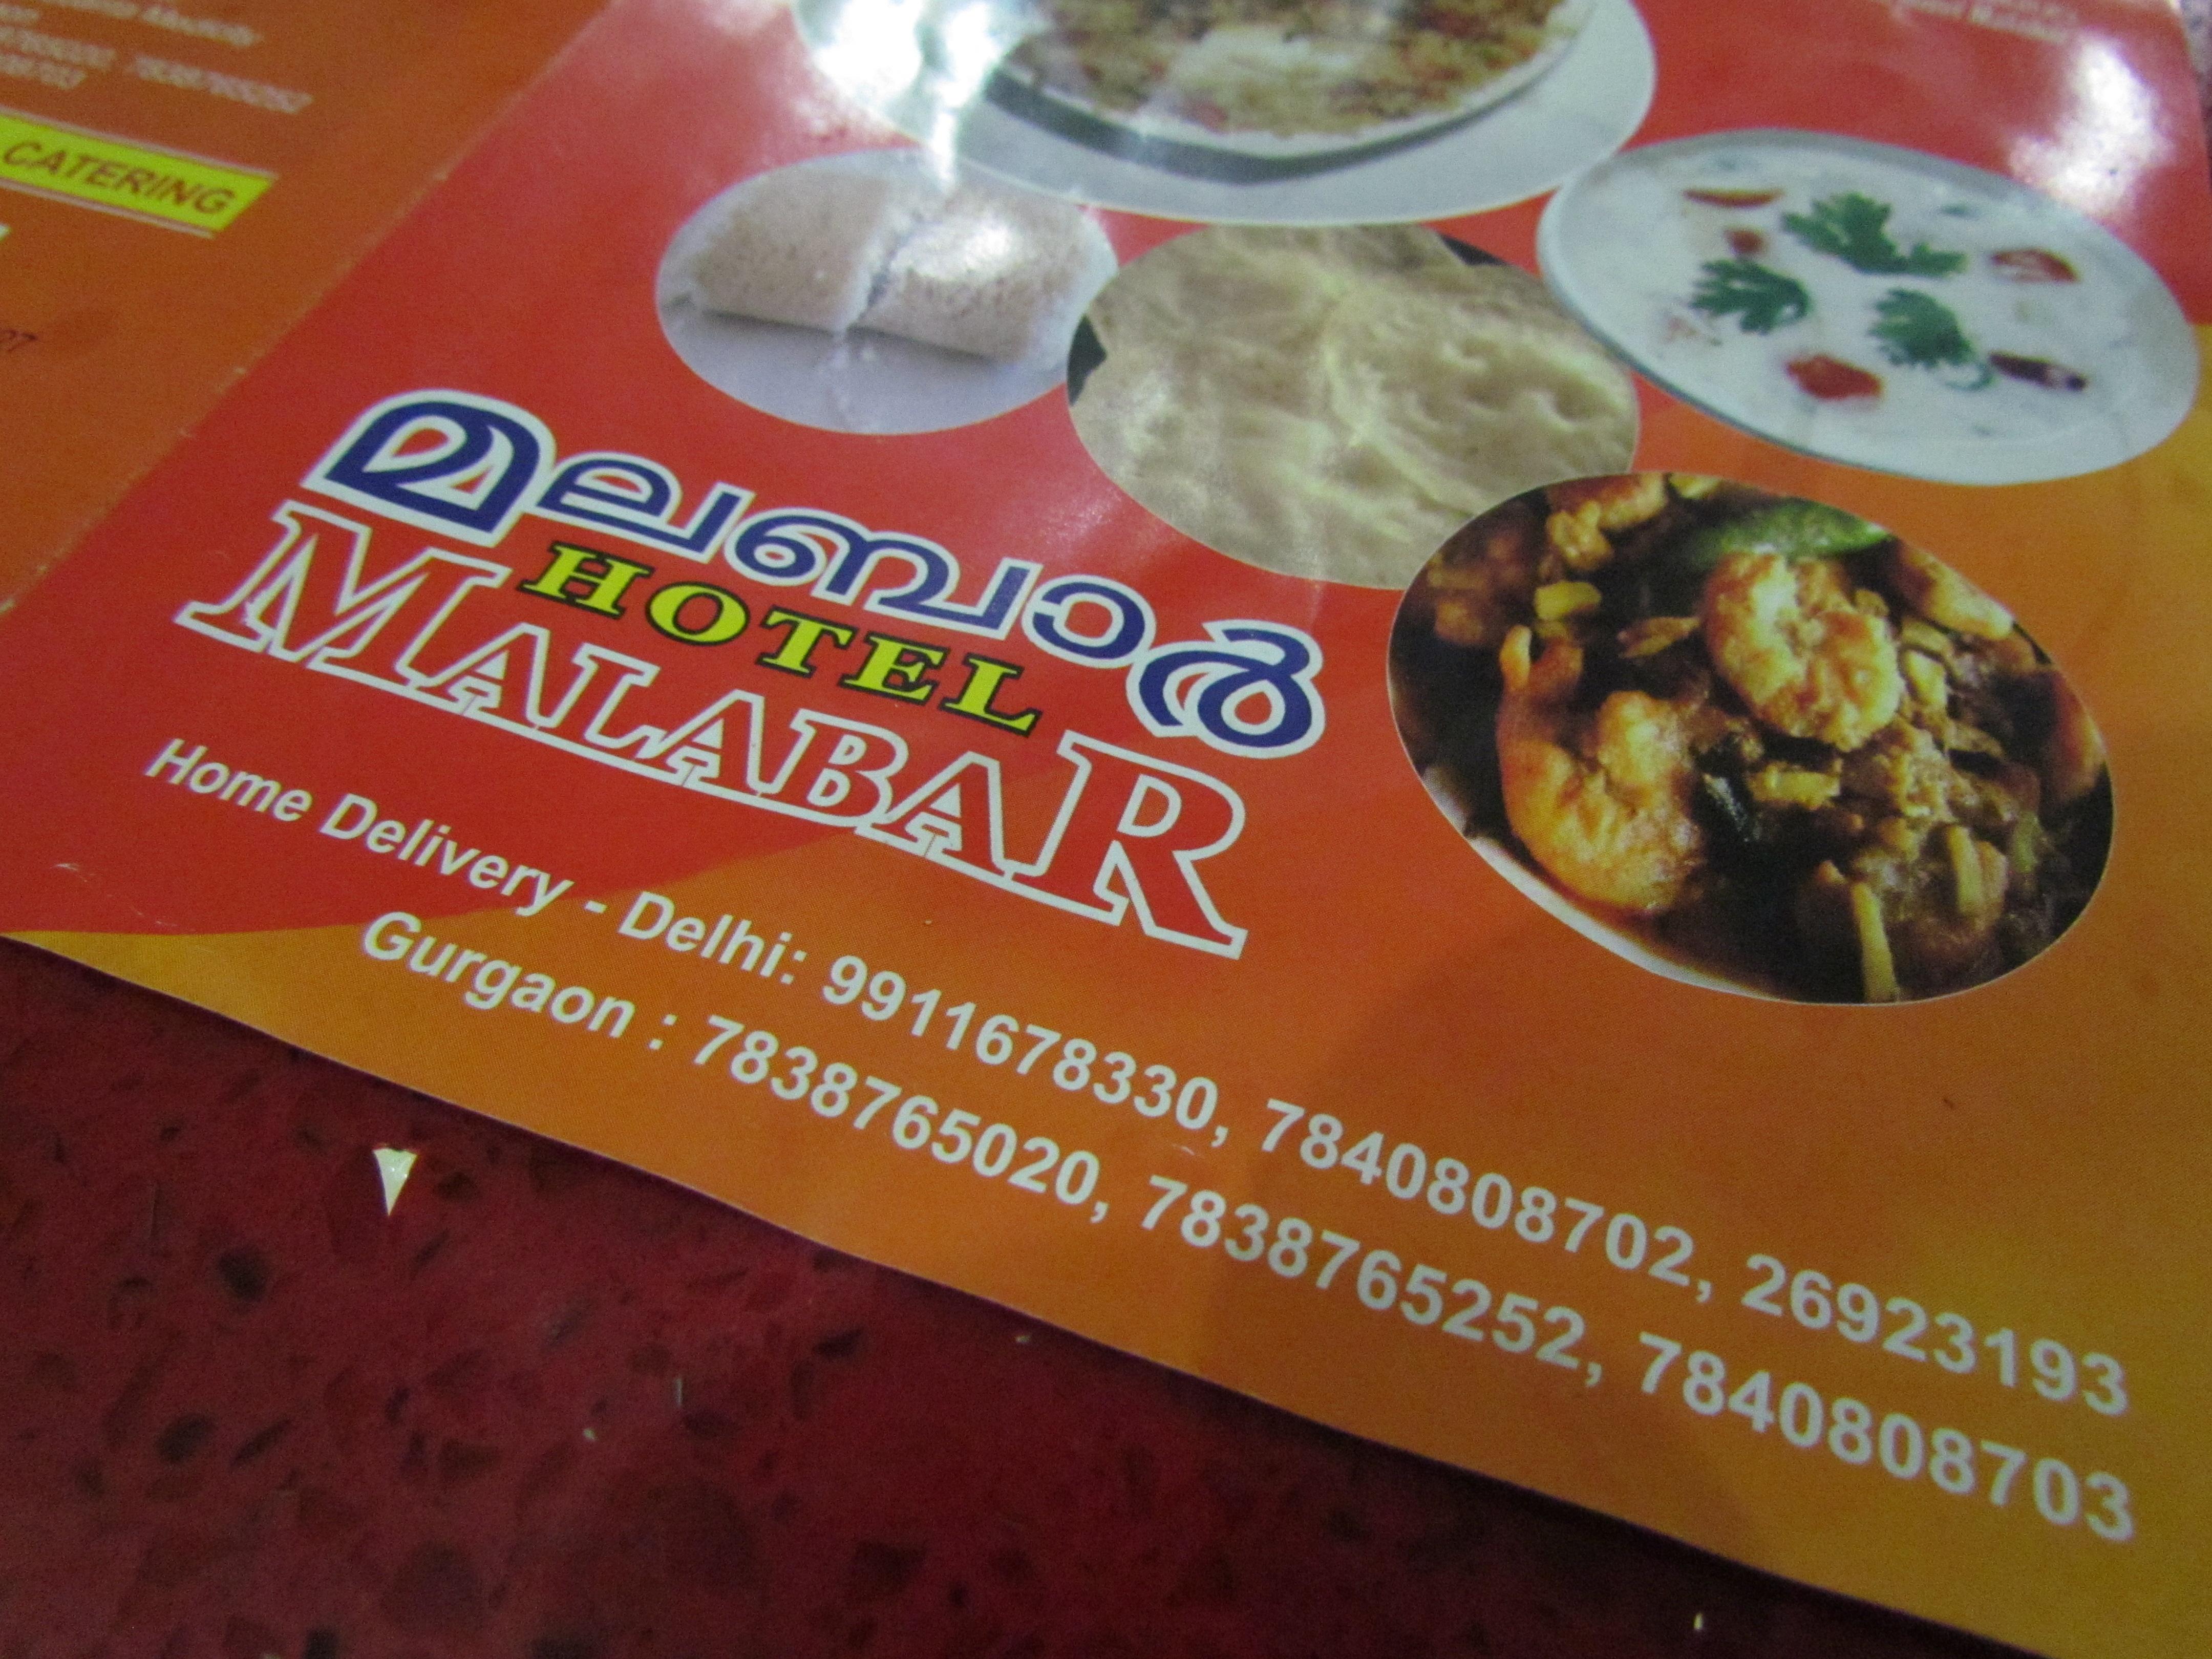 Malabar Hotel 1305 Sector 39 Opp Medanta Medicity Jharsa Gurgaon